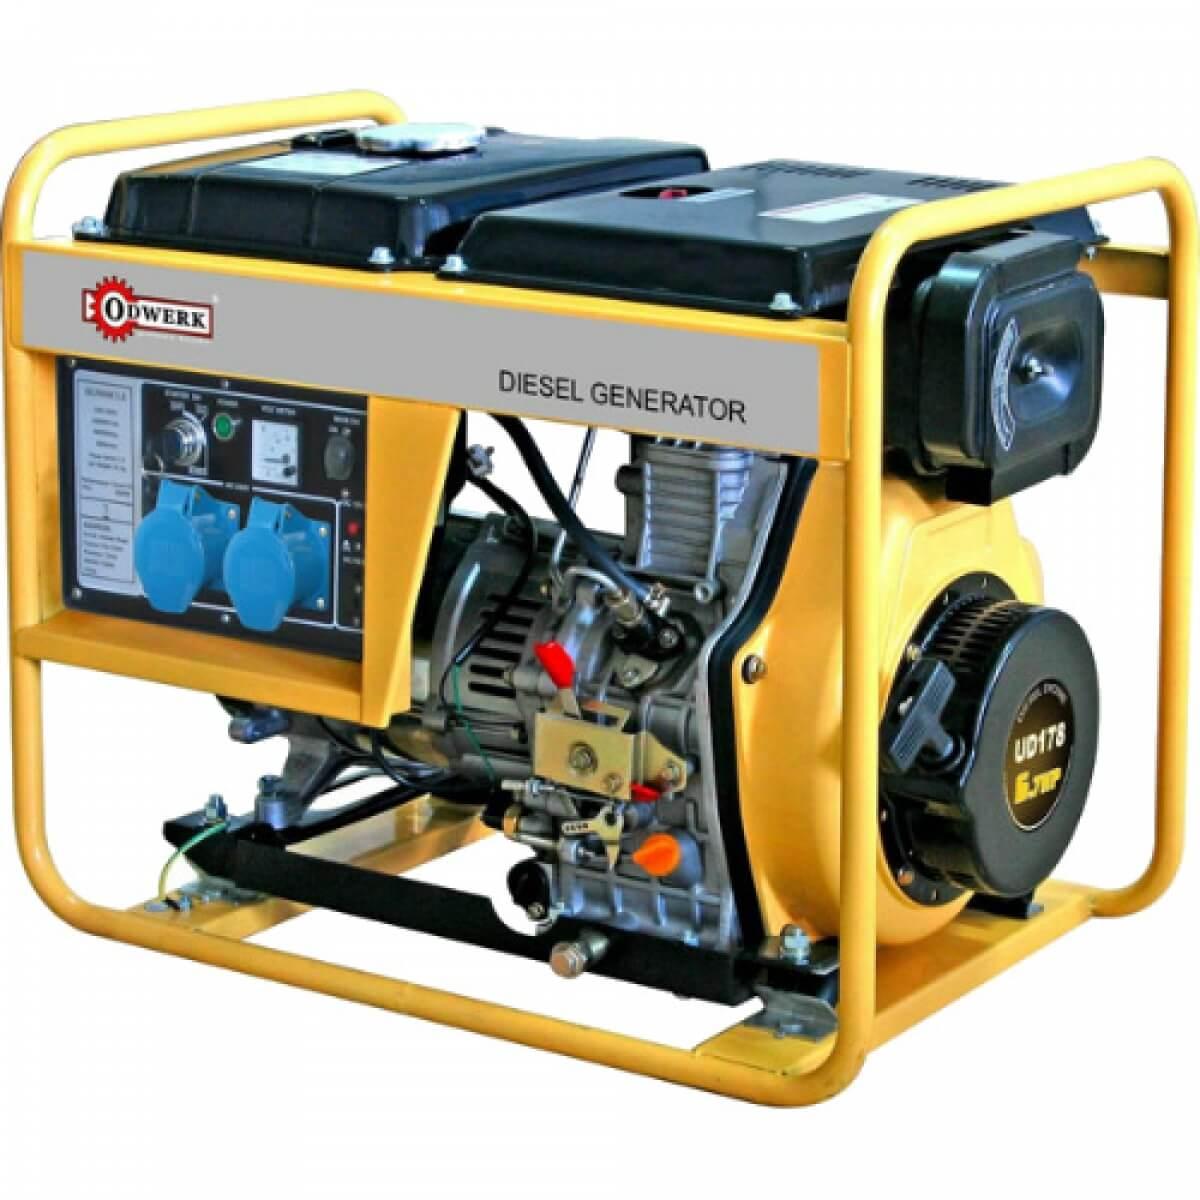 Сертификат на ремонт и обслуживание дизельного генератора (дизельгенератора)